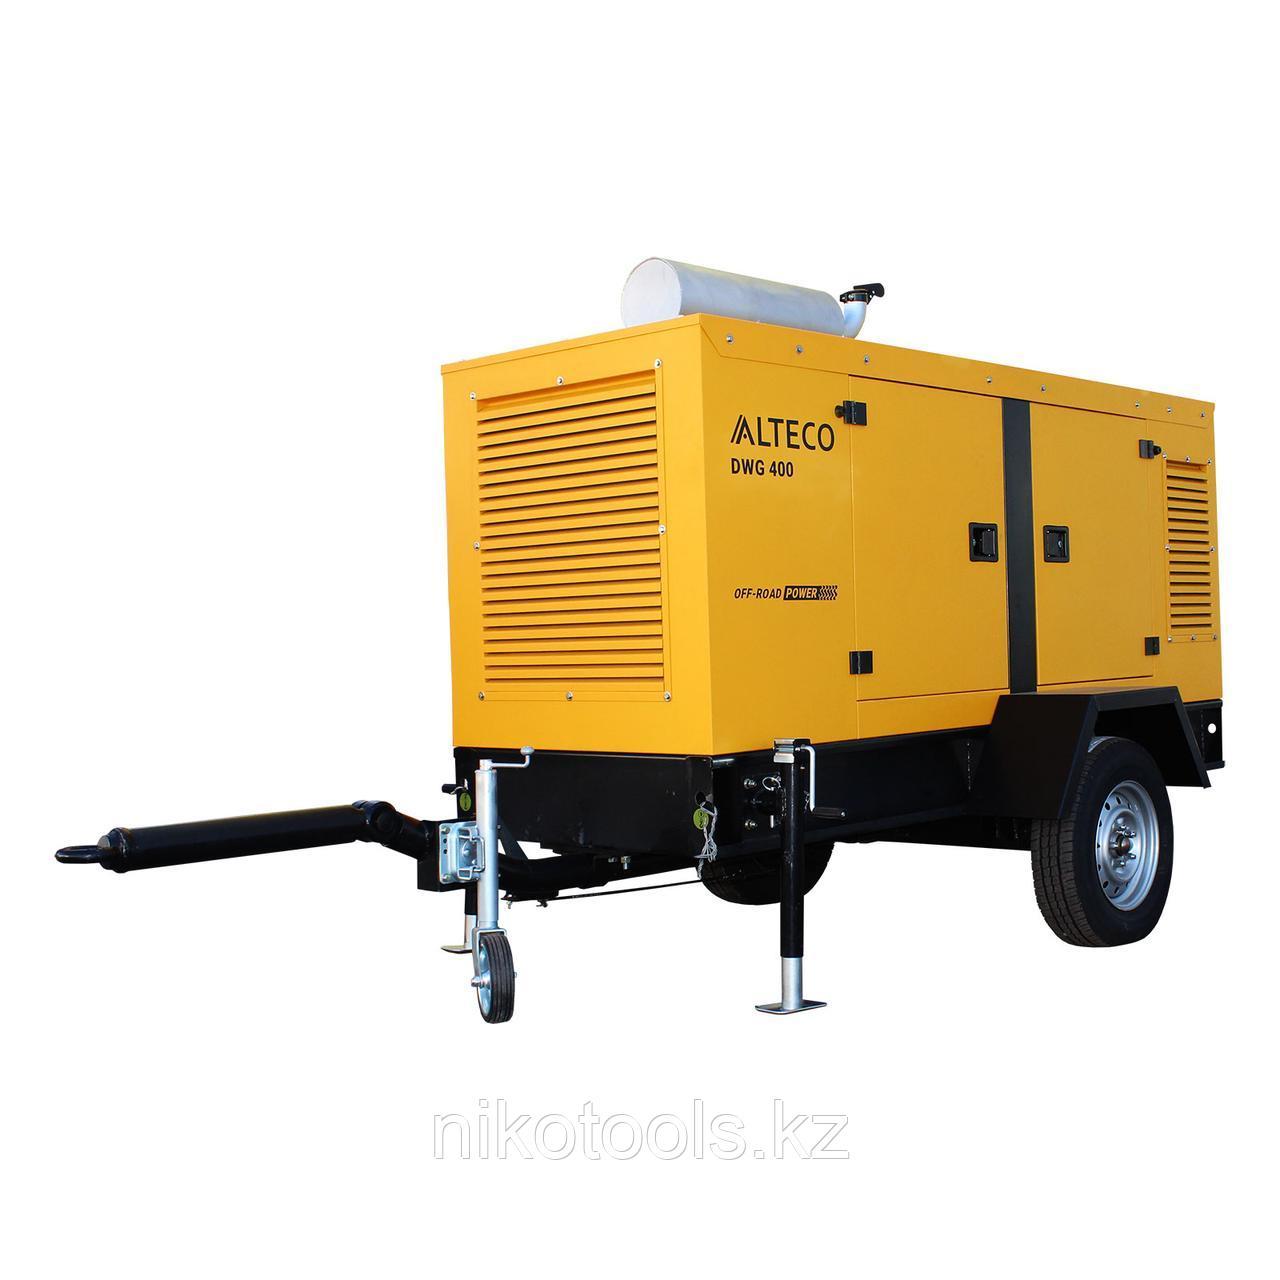 Сварочный генератор ALTECO DWG 400